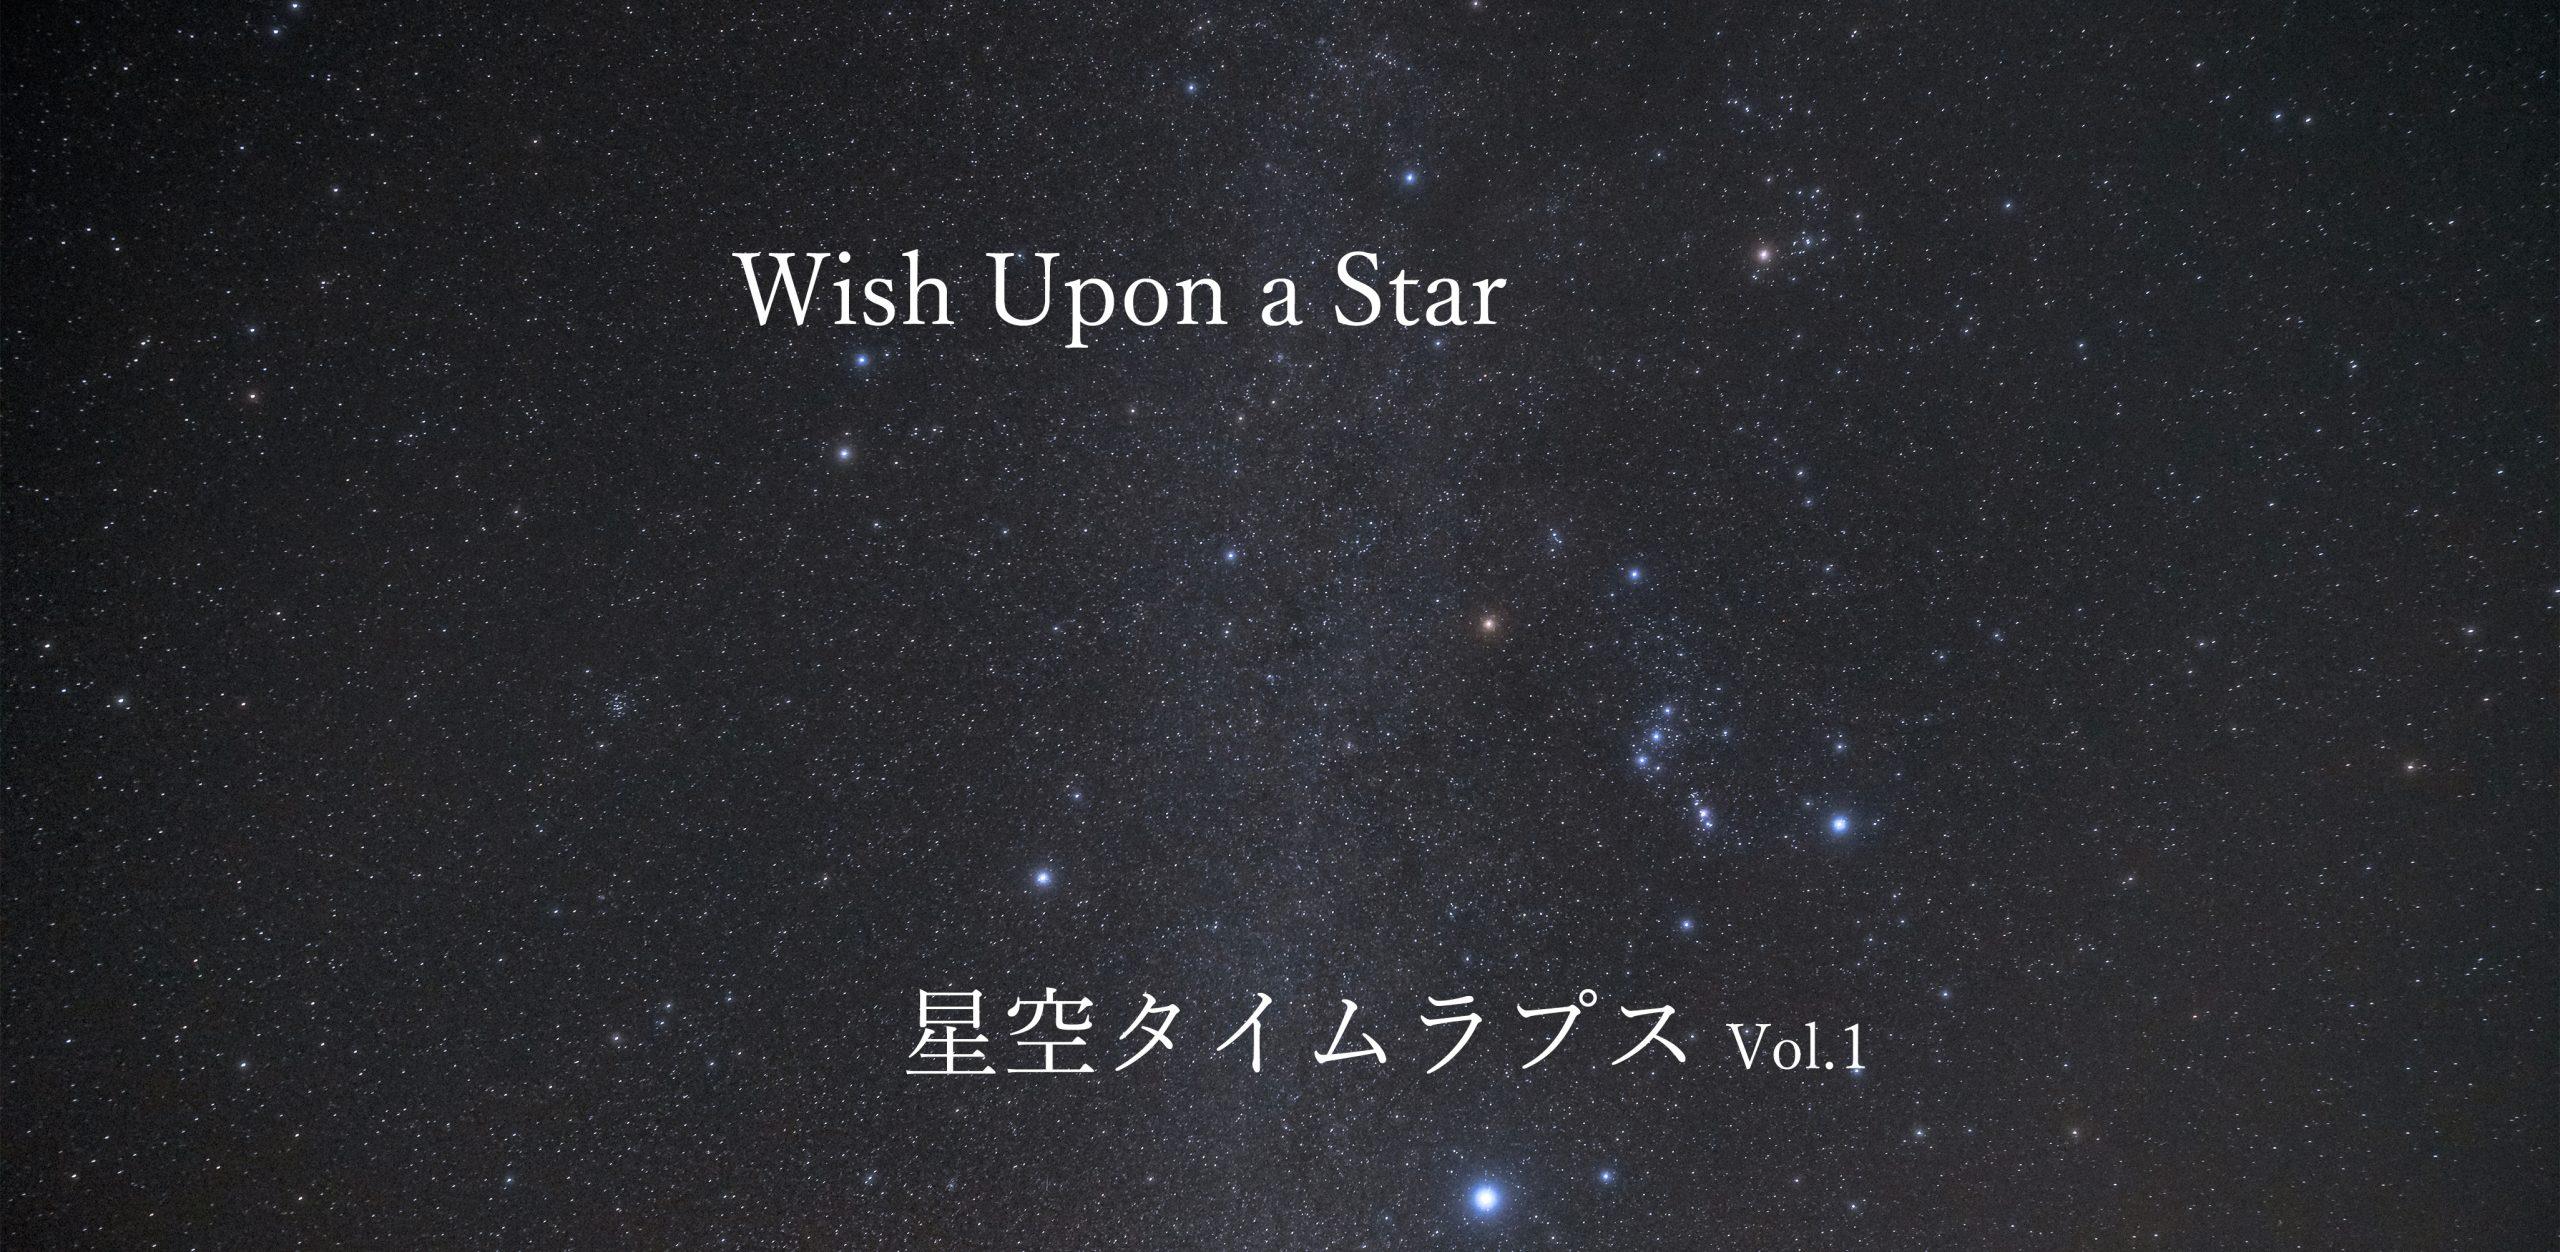 【Wish Upon a Star】星空タイムラプス Vol.1